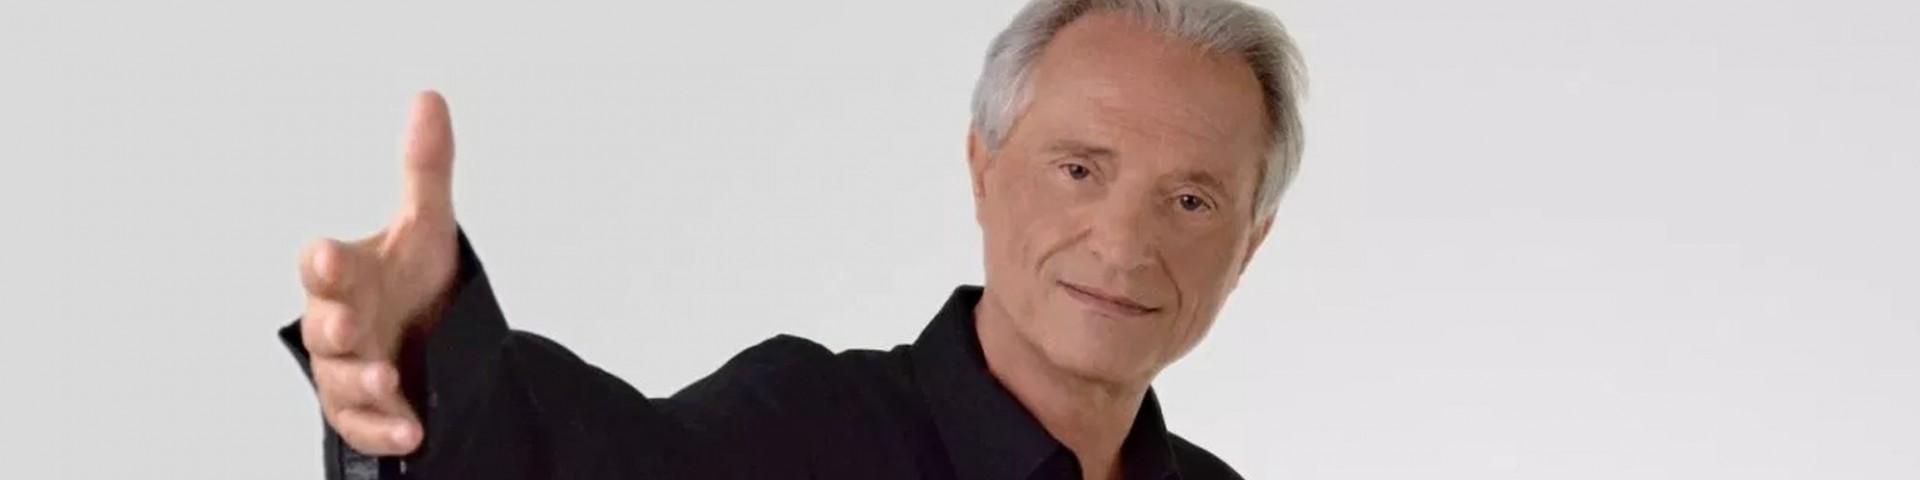 """Ornella Vanoni chiede scusa ad Amedeo Minghi: """"Volevo scherzare"""""""